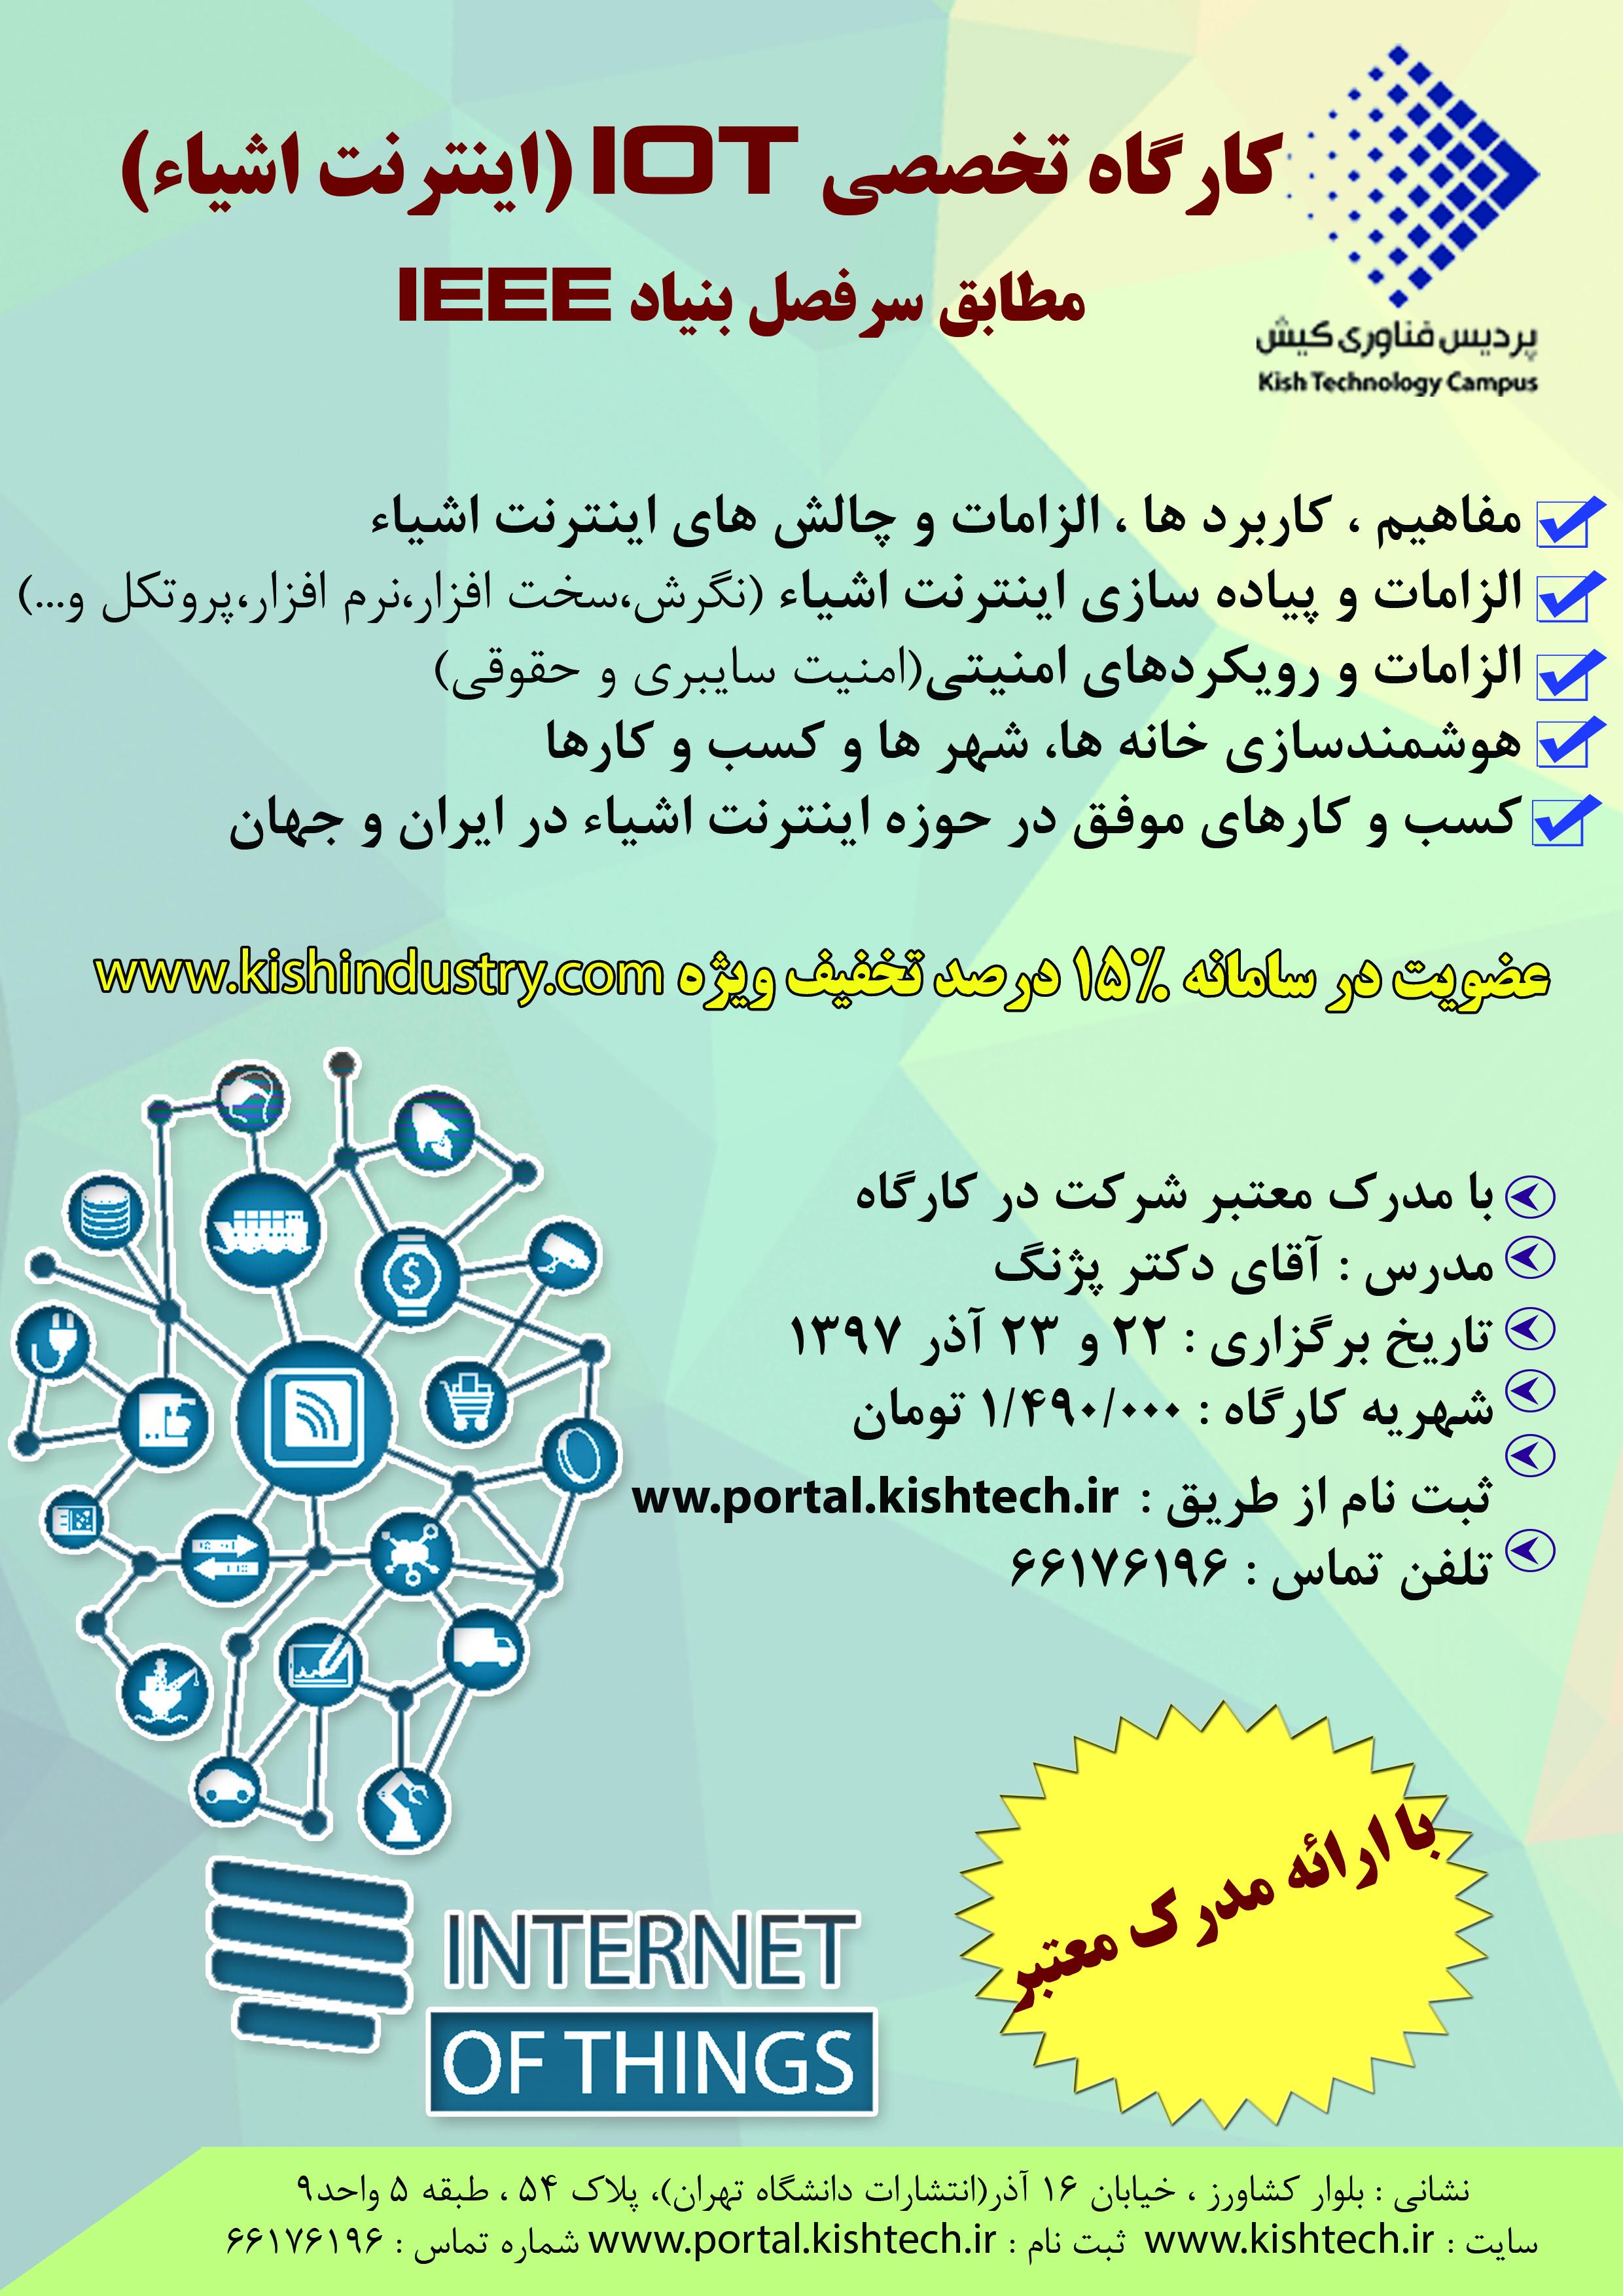 کارگاه تخصصی IOT (اینترنت و اشیاء)